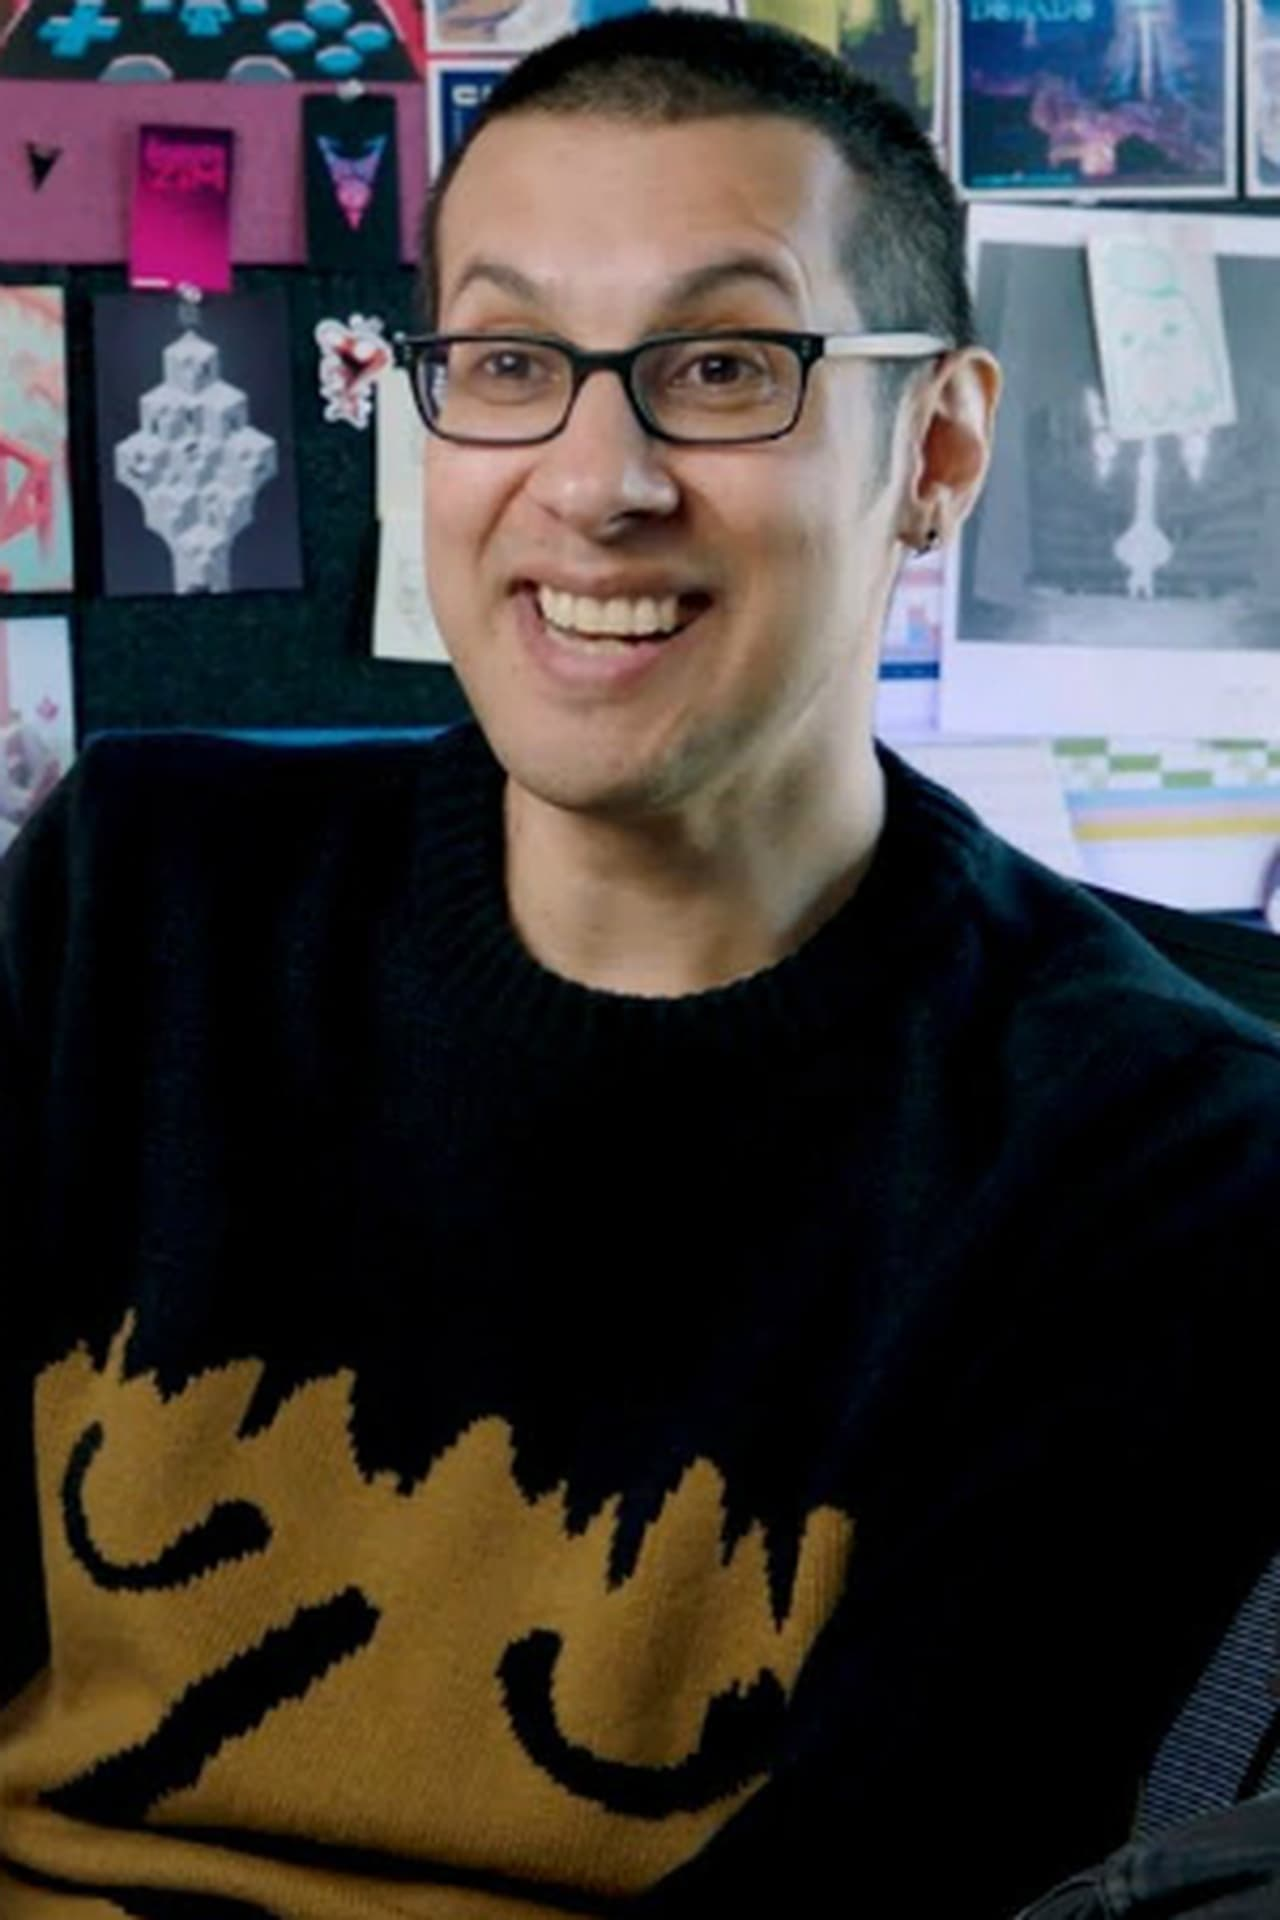 Jhonen Vasquez